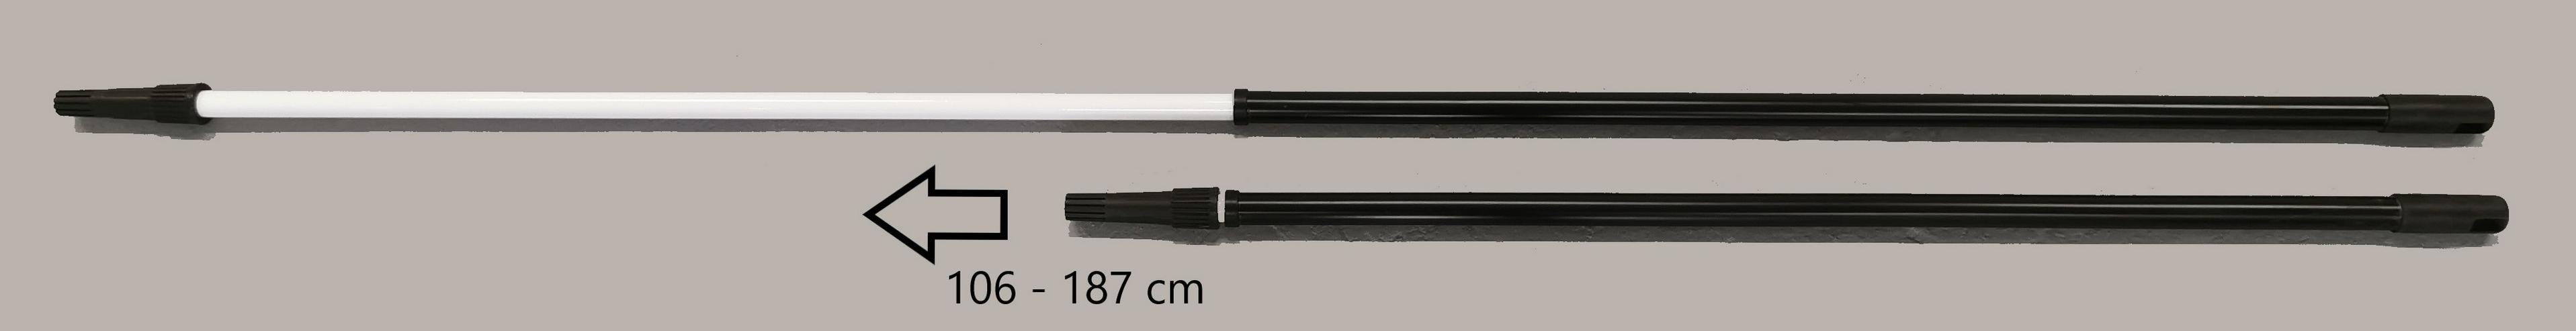 Aluminium Teleskopstange schwarz ausziehbar 106 - 187 cm